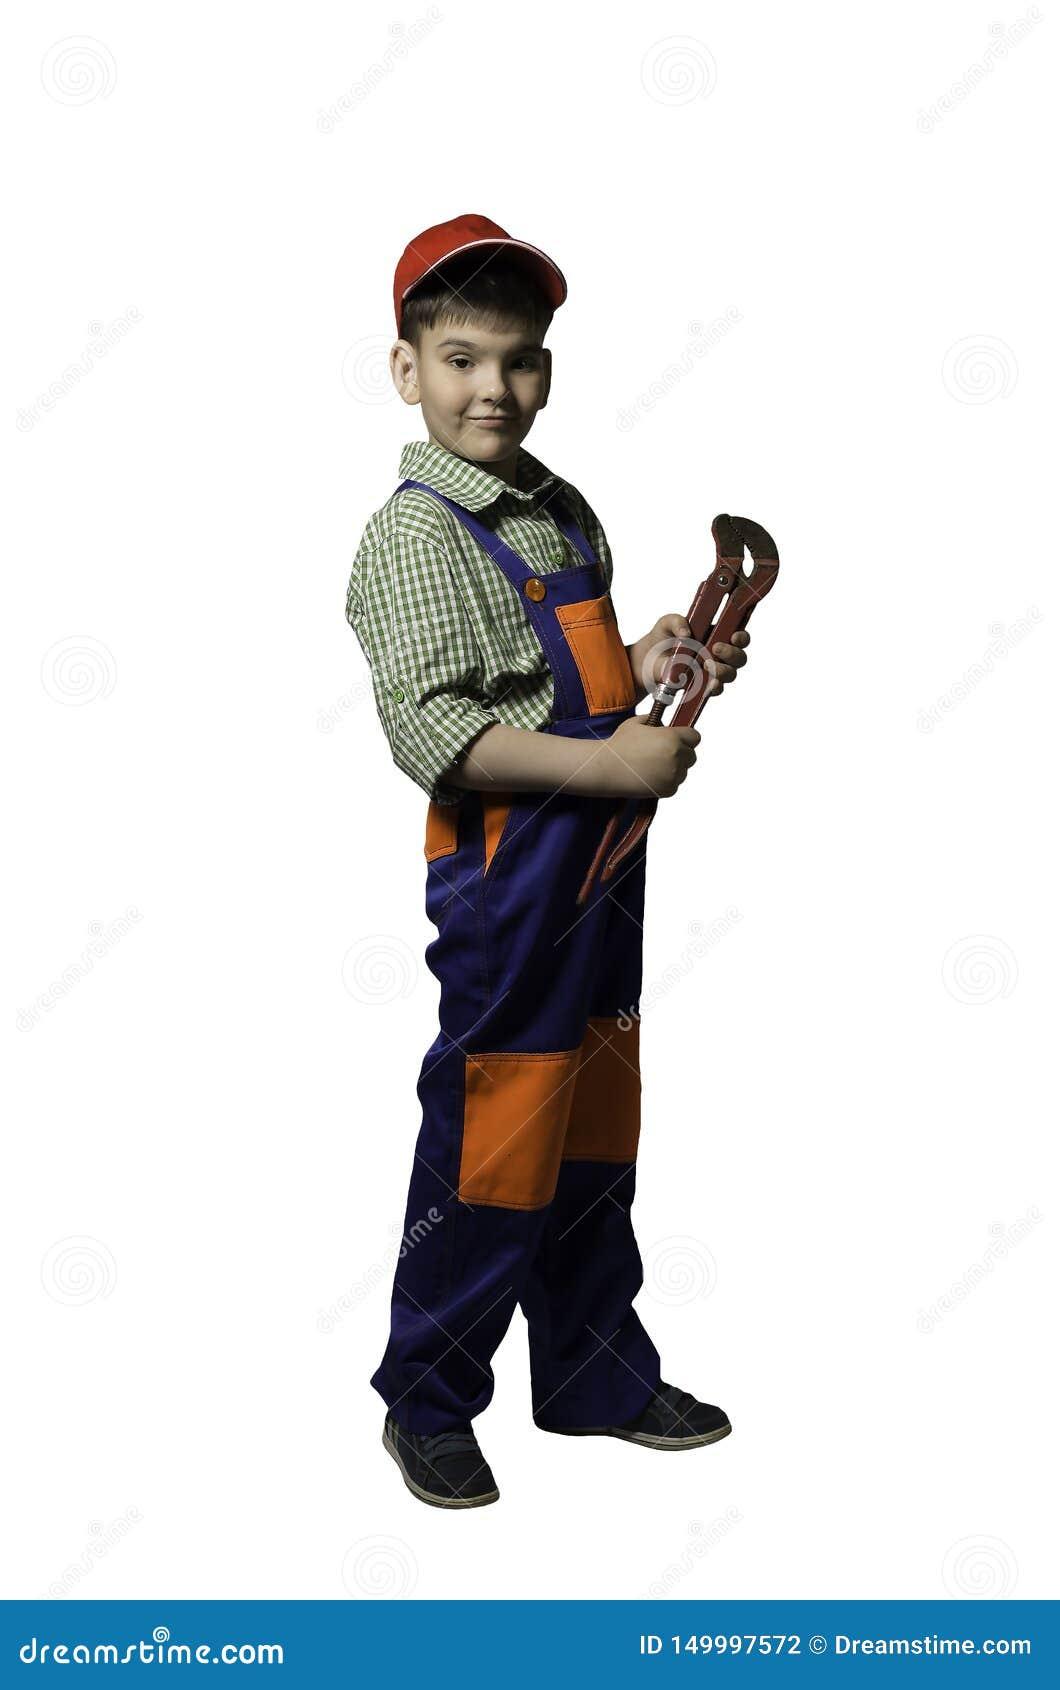 Αγόρι, έφηβος με τα εργαλεία για την επισκευή και κατασκευή, στις φόρμες και το κράνος, που απομονώνονται